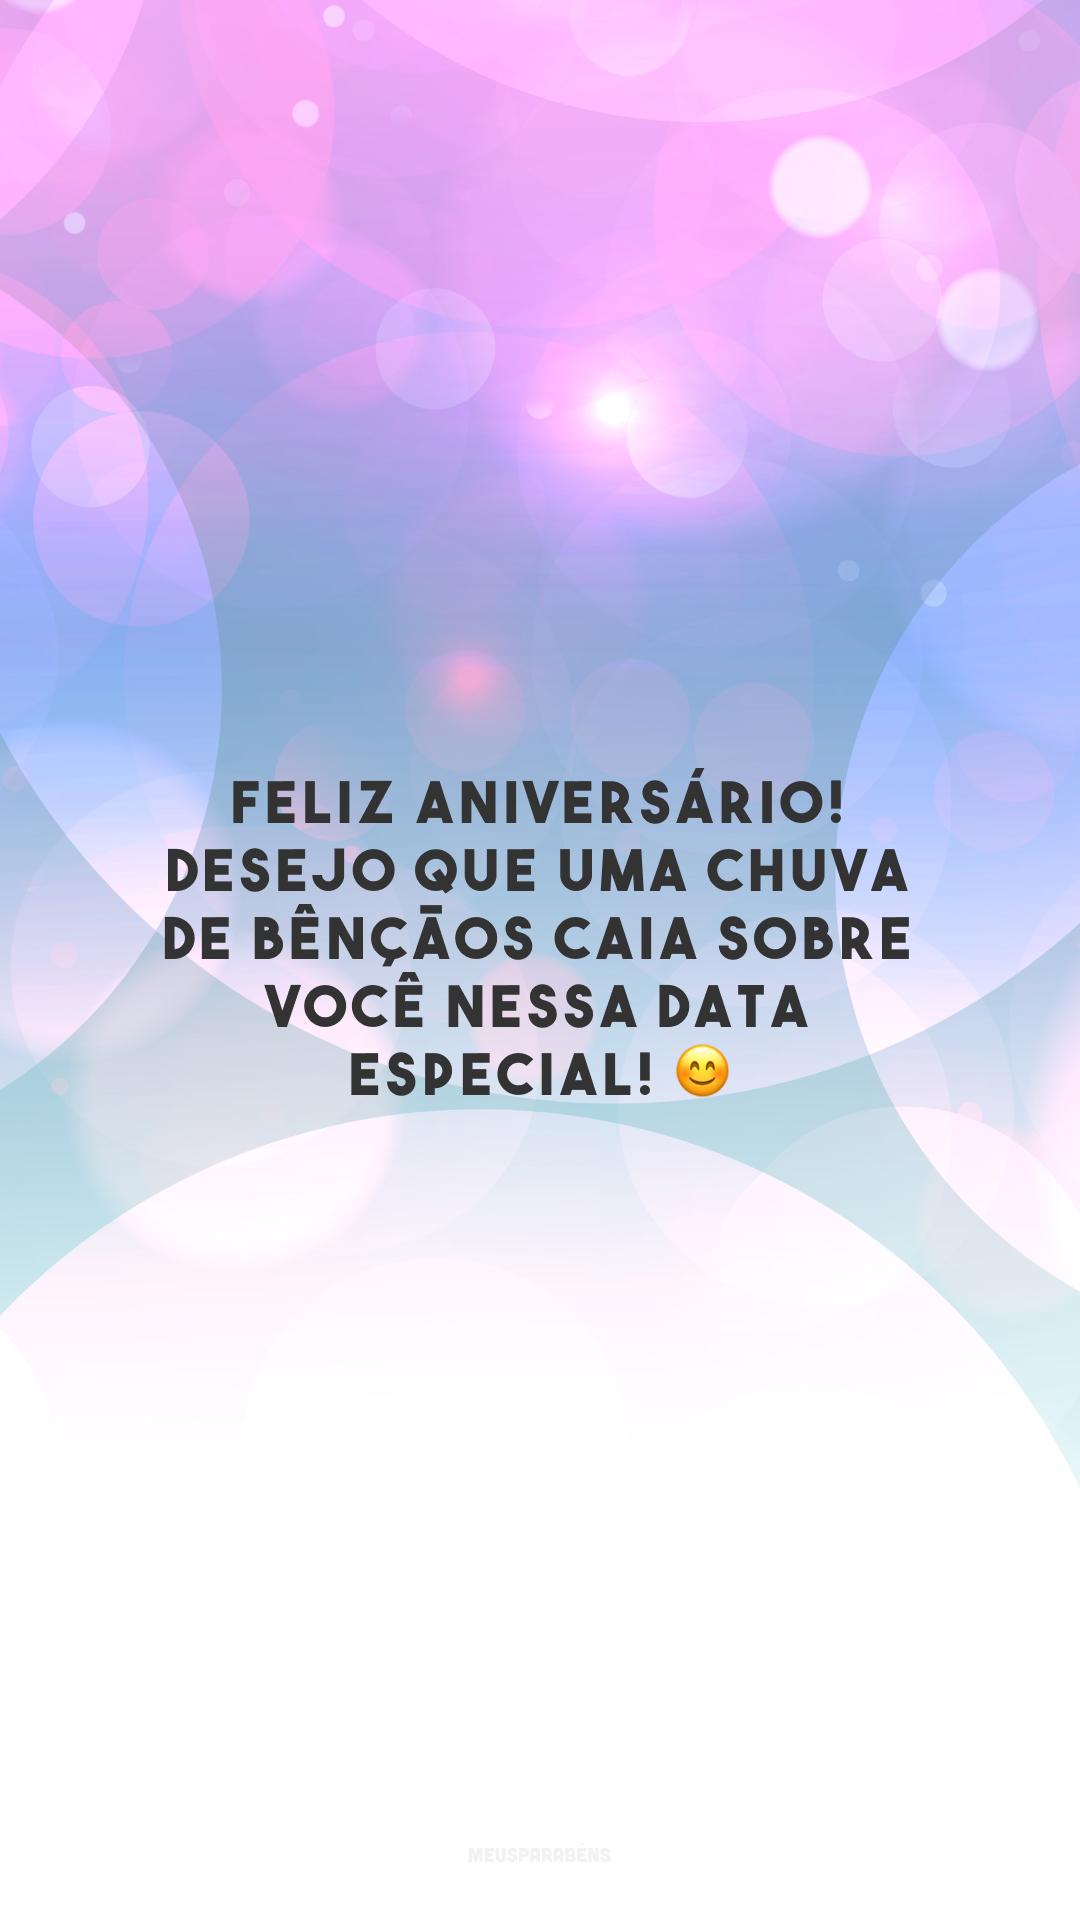 Feliz aniversário! Desejo que uma chuva de bênçãos caia sobre você nessa data especial! 😊